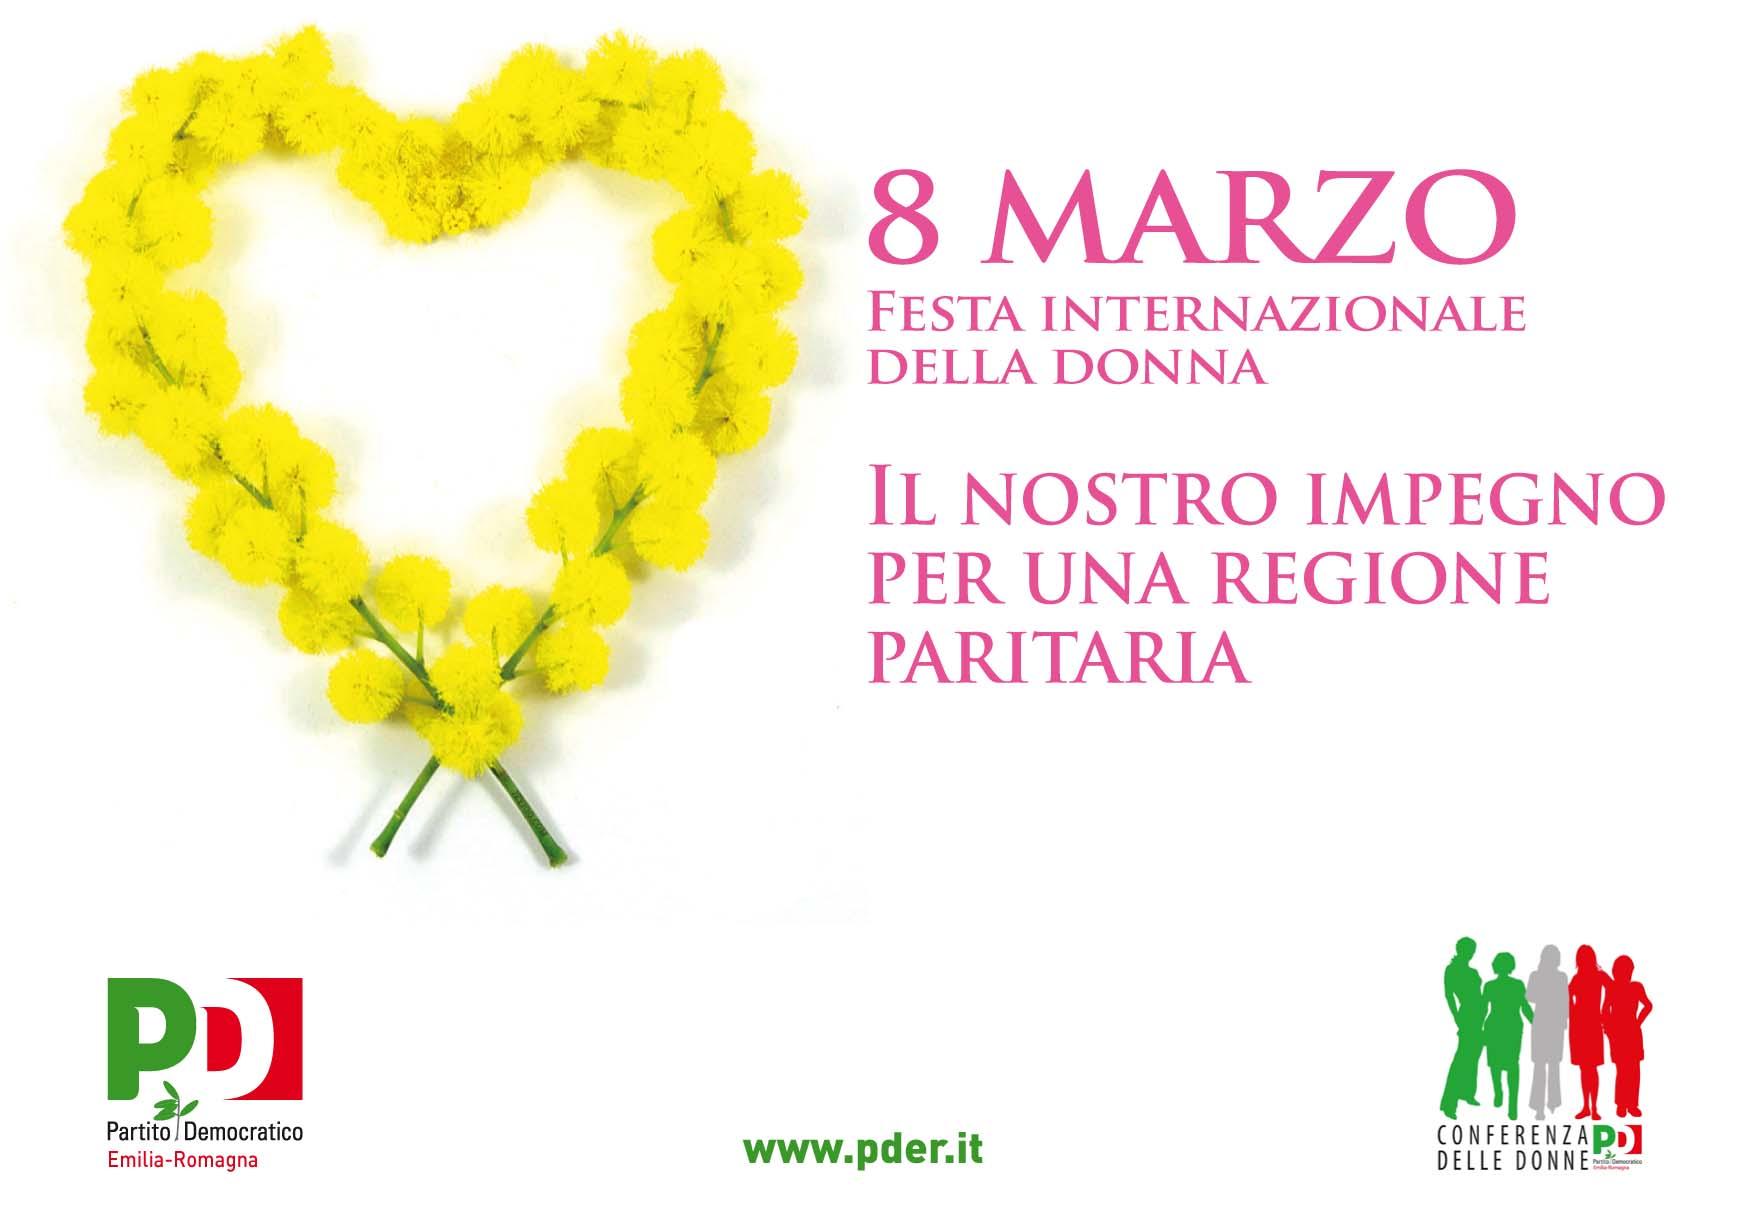 8 marzo , Festa Internazionale della Donna